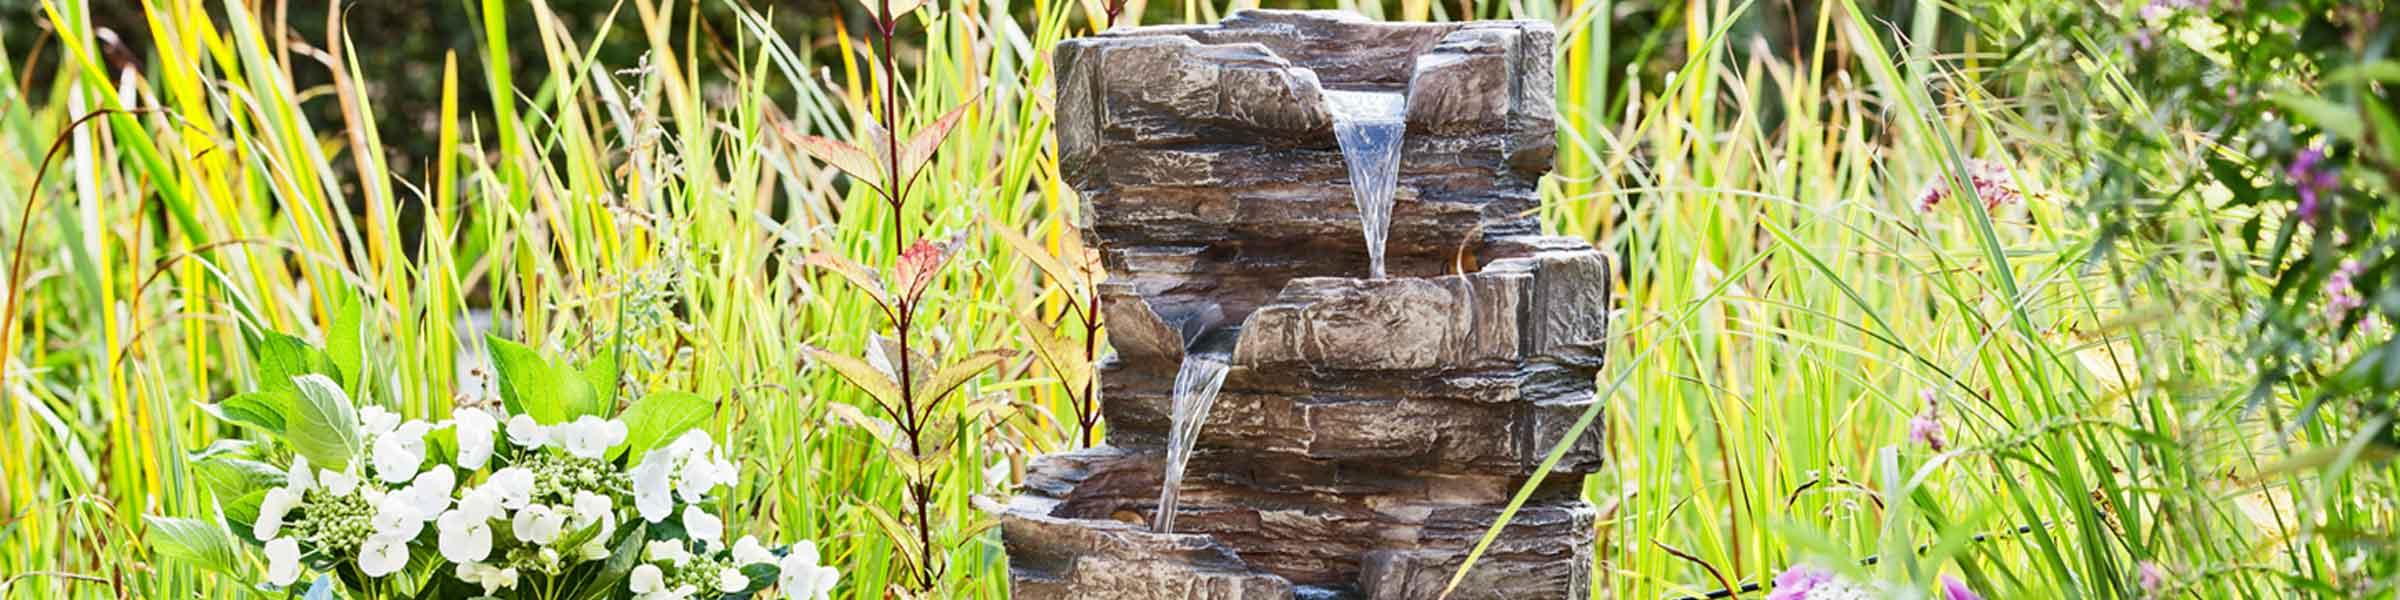 gartenbrunnen online in dehner markenqualität | dehner